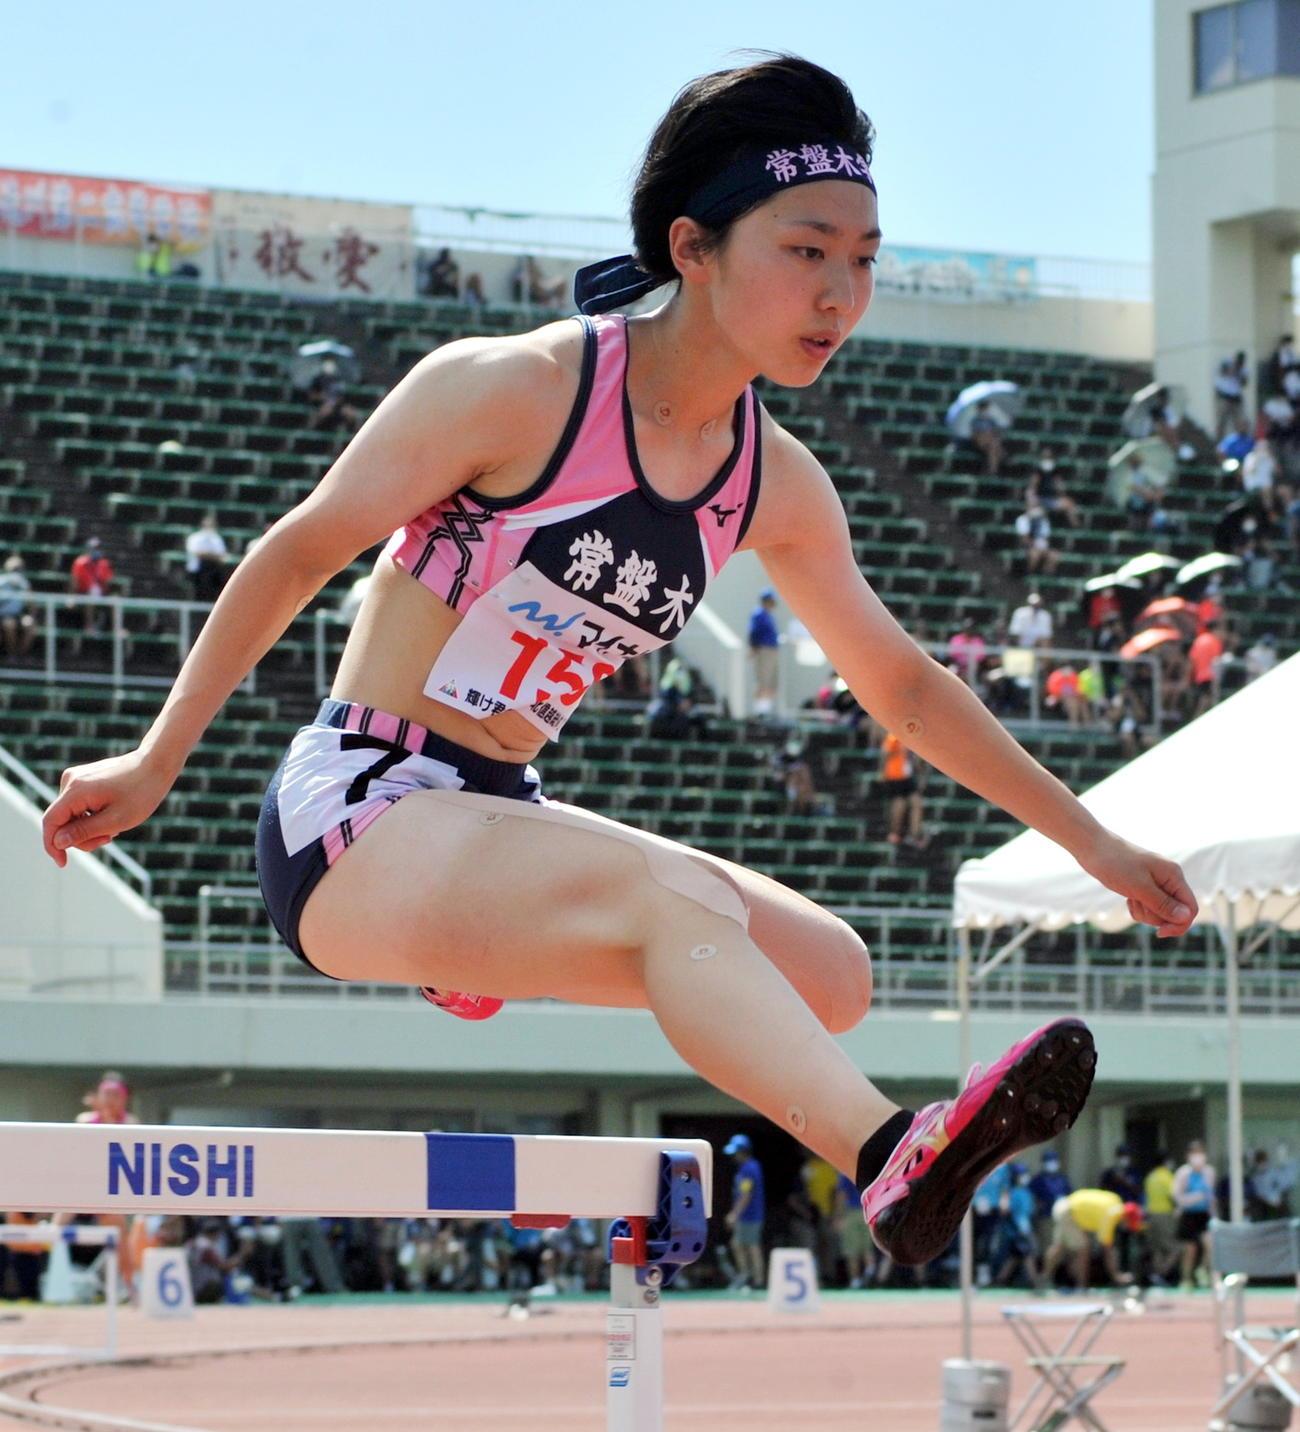 女子400メートル障害決勝 日下は積極的なレース運びで、この日、東北勢最高の4位入賞を決める